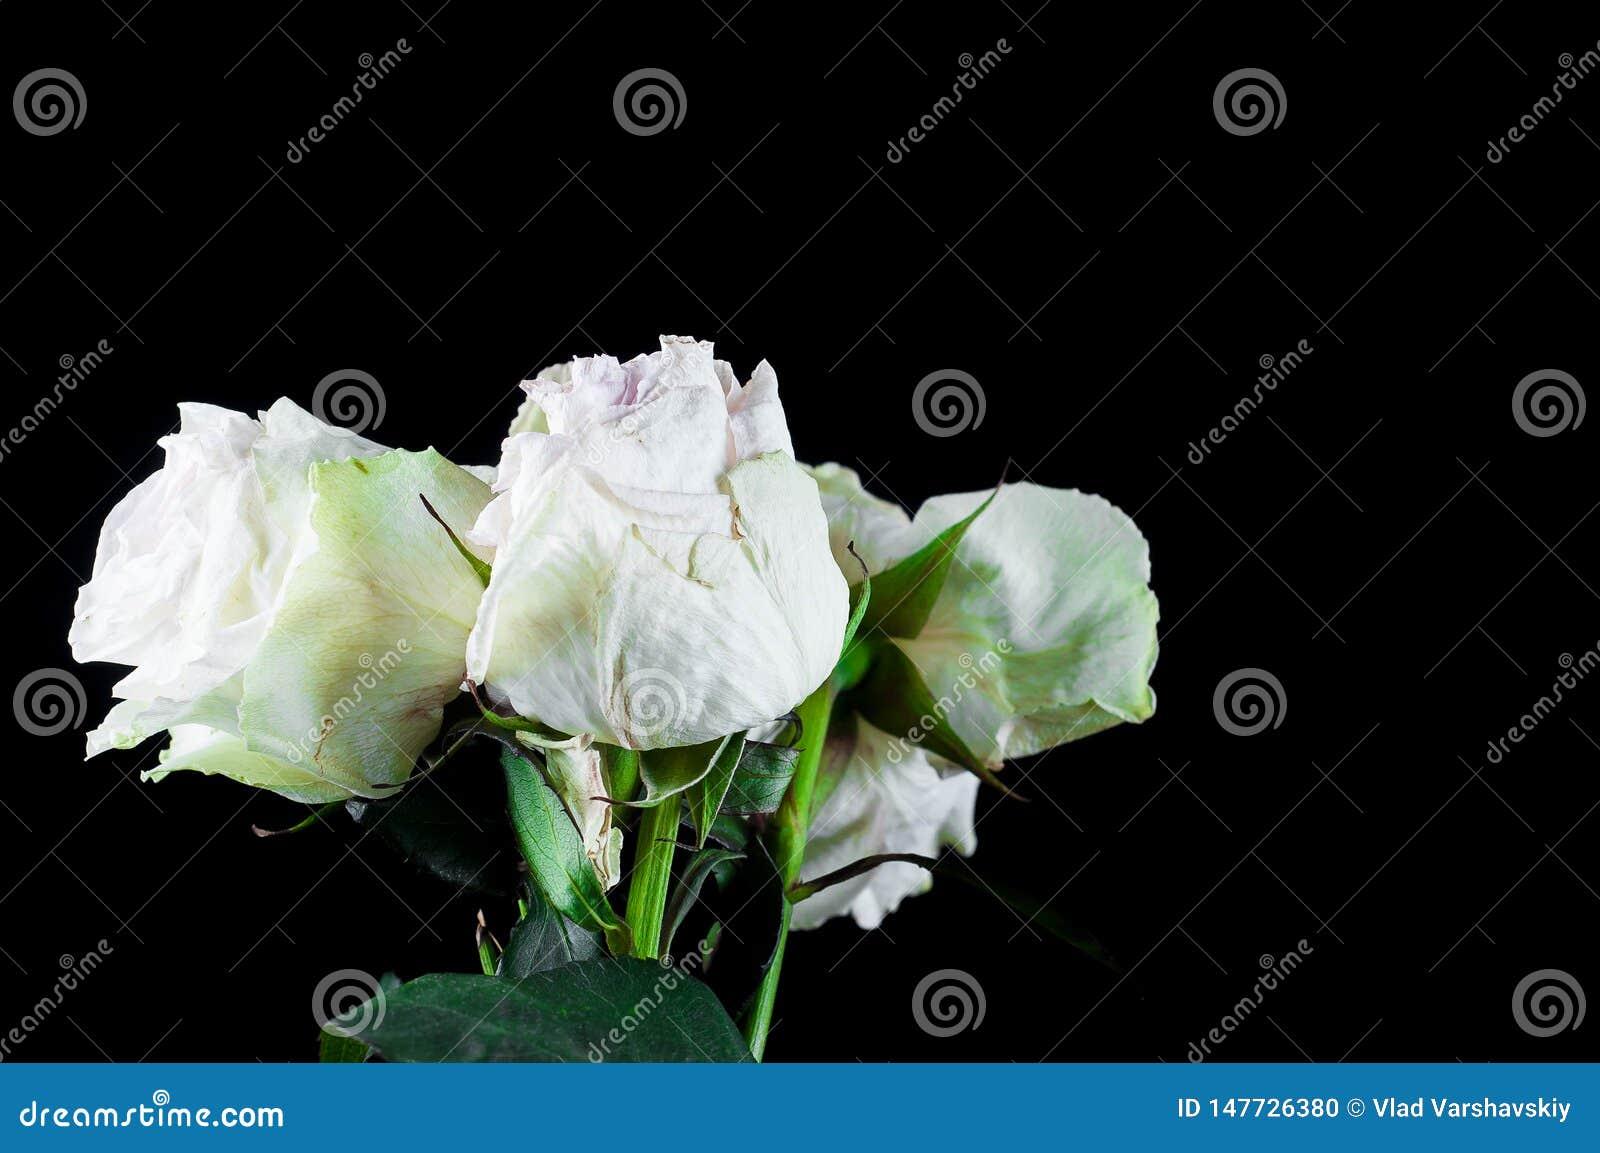 Mooie installaties met geurige bloemen zoals binnen